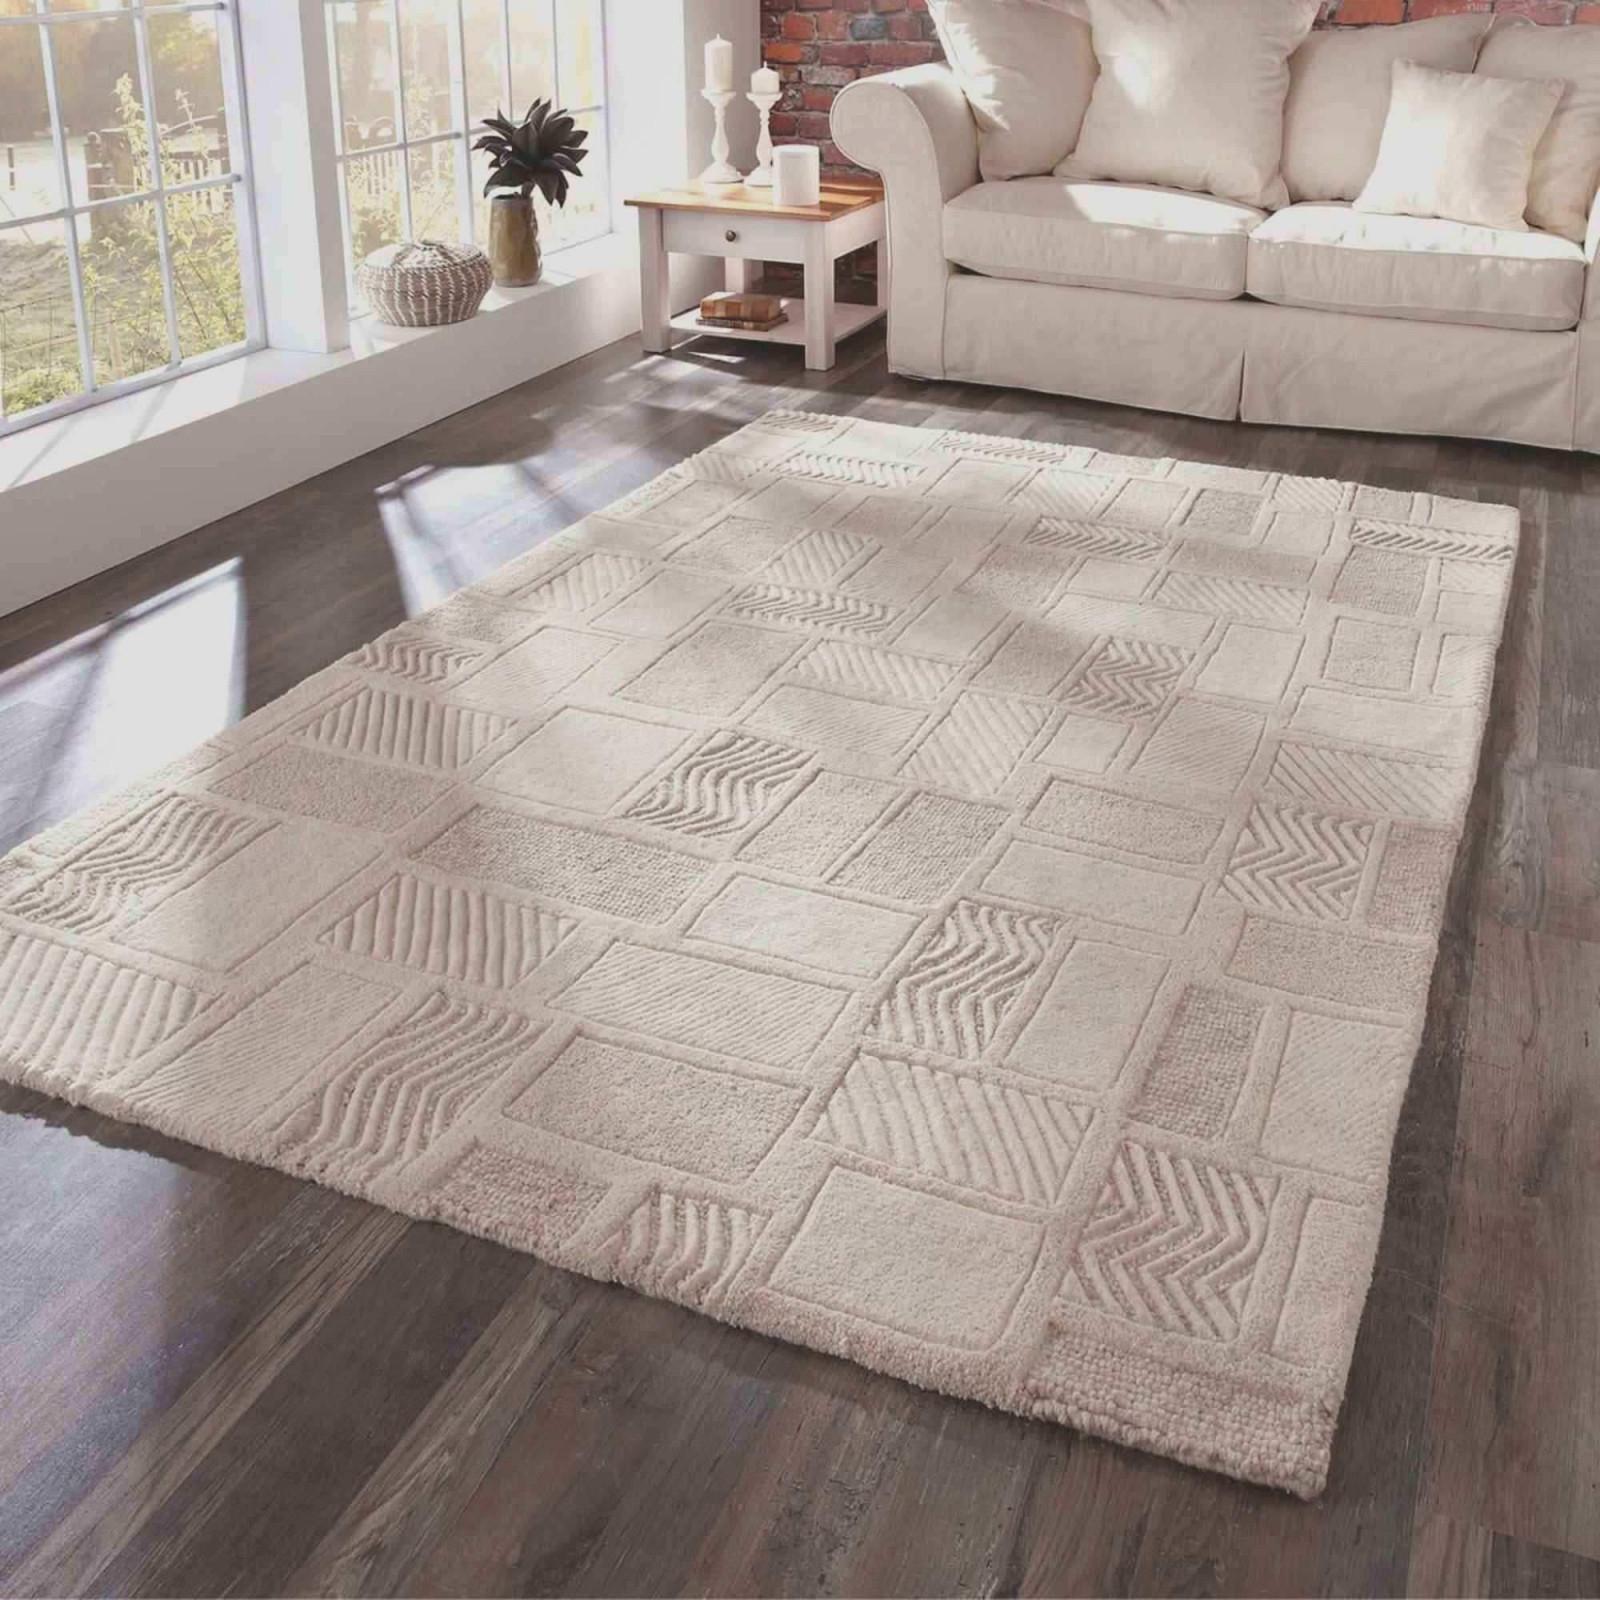 Wohnzimmer Teppich 200×300 Reizend Teppich 200 X 300 Design von Wohnzimmer Teppich 200X300 Bild